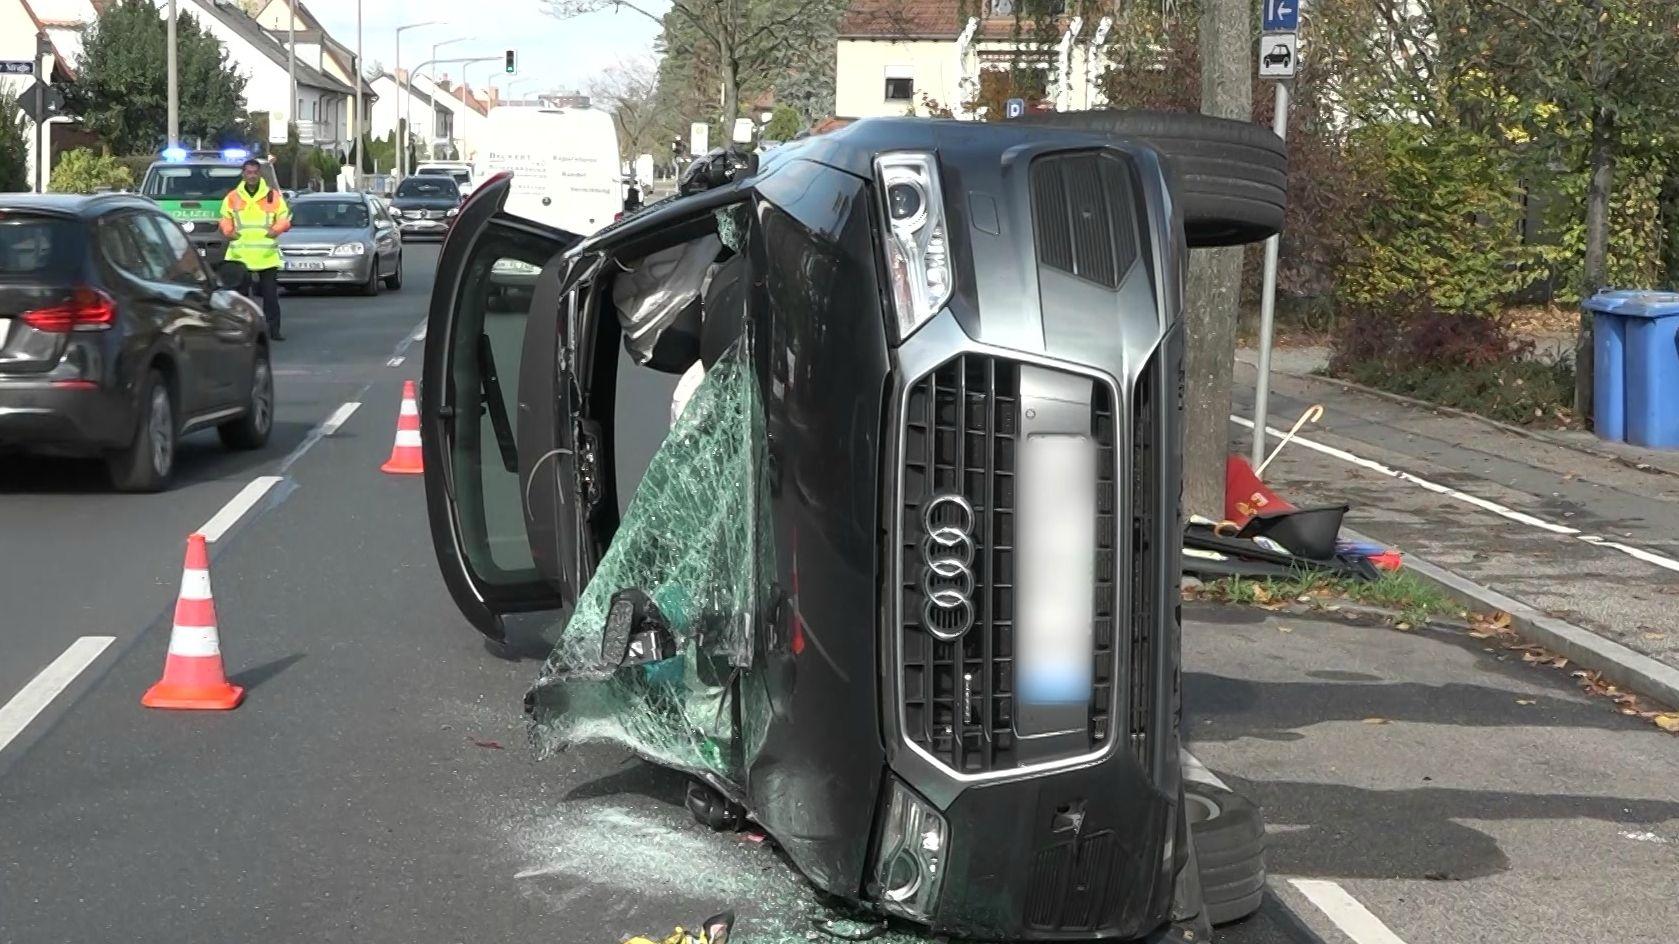 Am Montagvormittag ist ein 79-Jähriger in Nürnberg von der Straße abgekommen. Dabei touchierte er mit seinem Wagen zwei parkende Autos, drehte sich und landete auf der Seite.